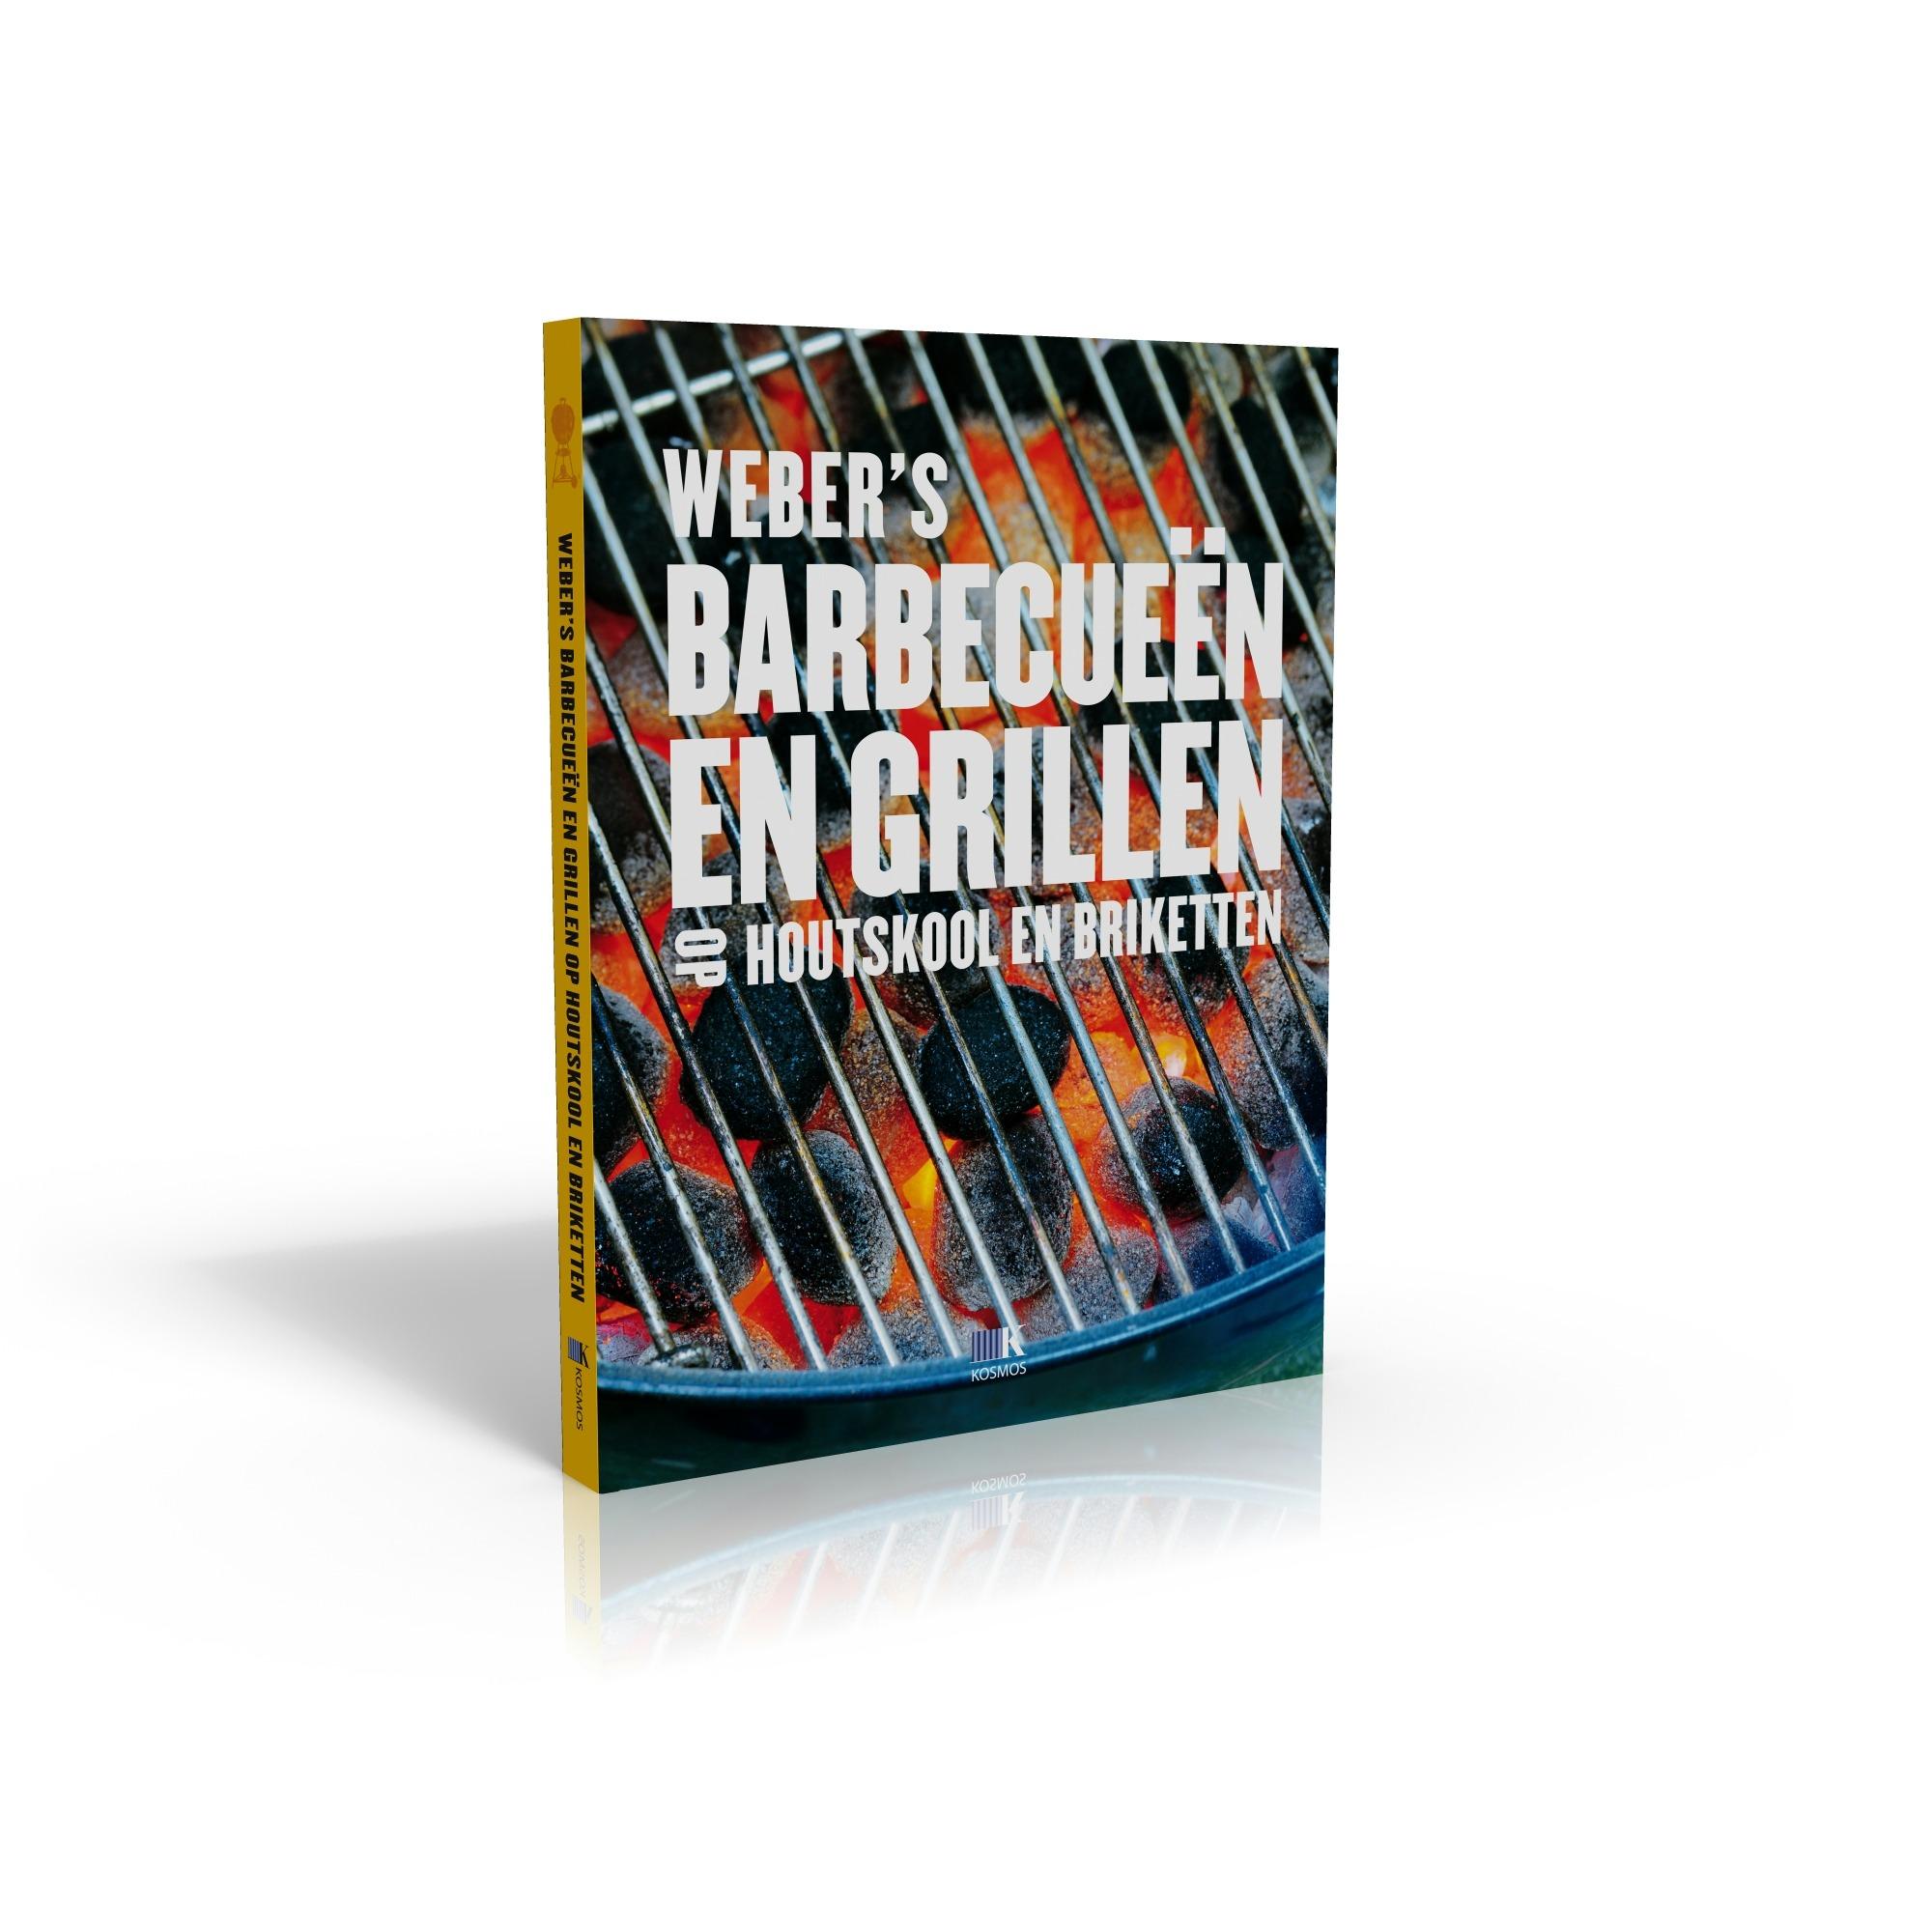 Weber receptenboek barbecueen en grillen met houtskool en briketten